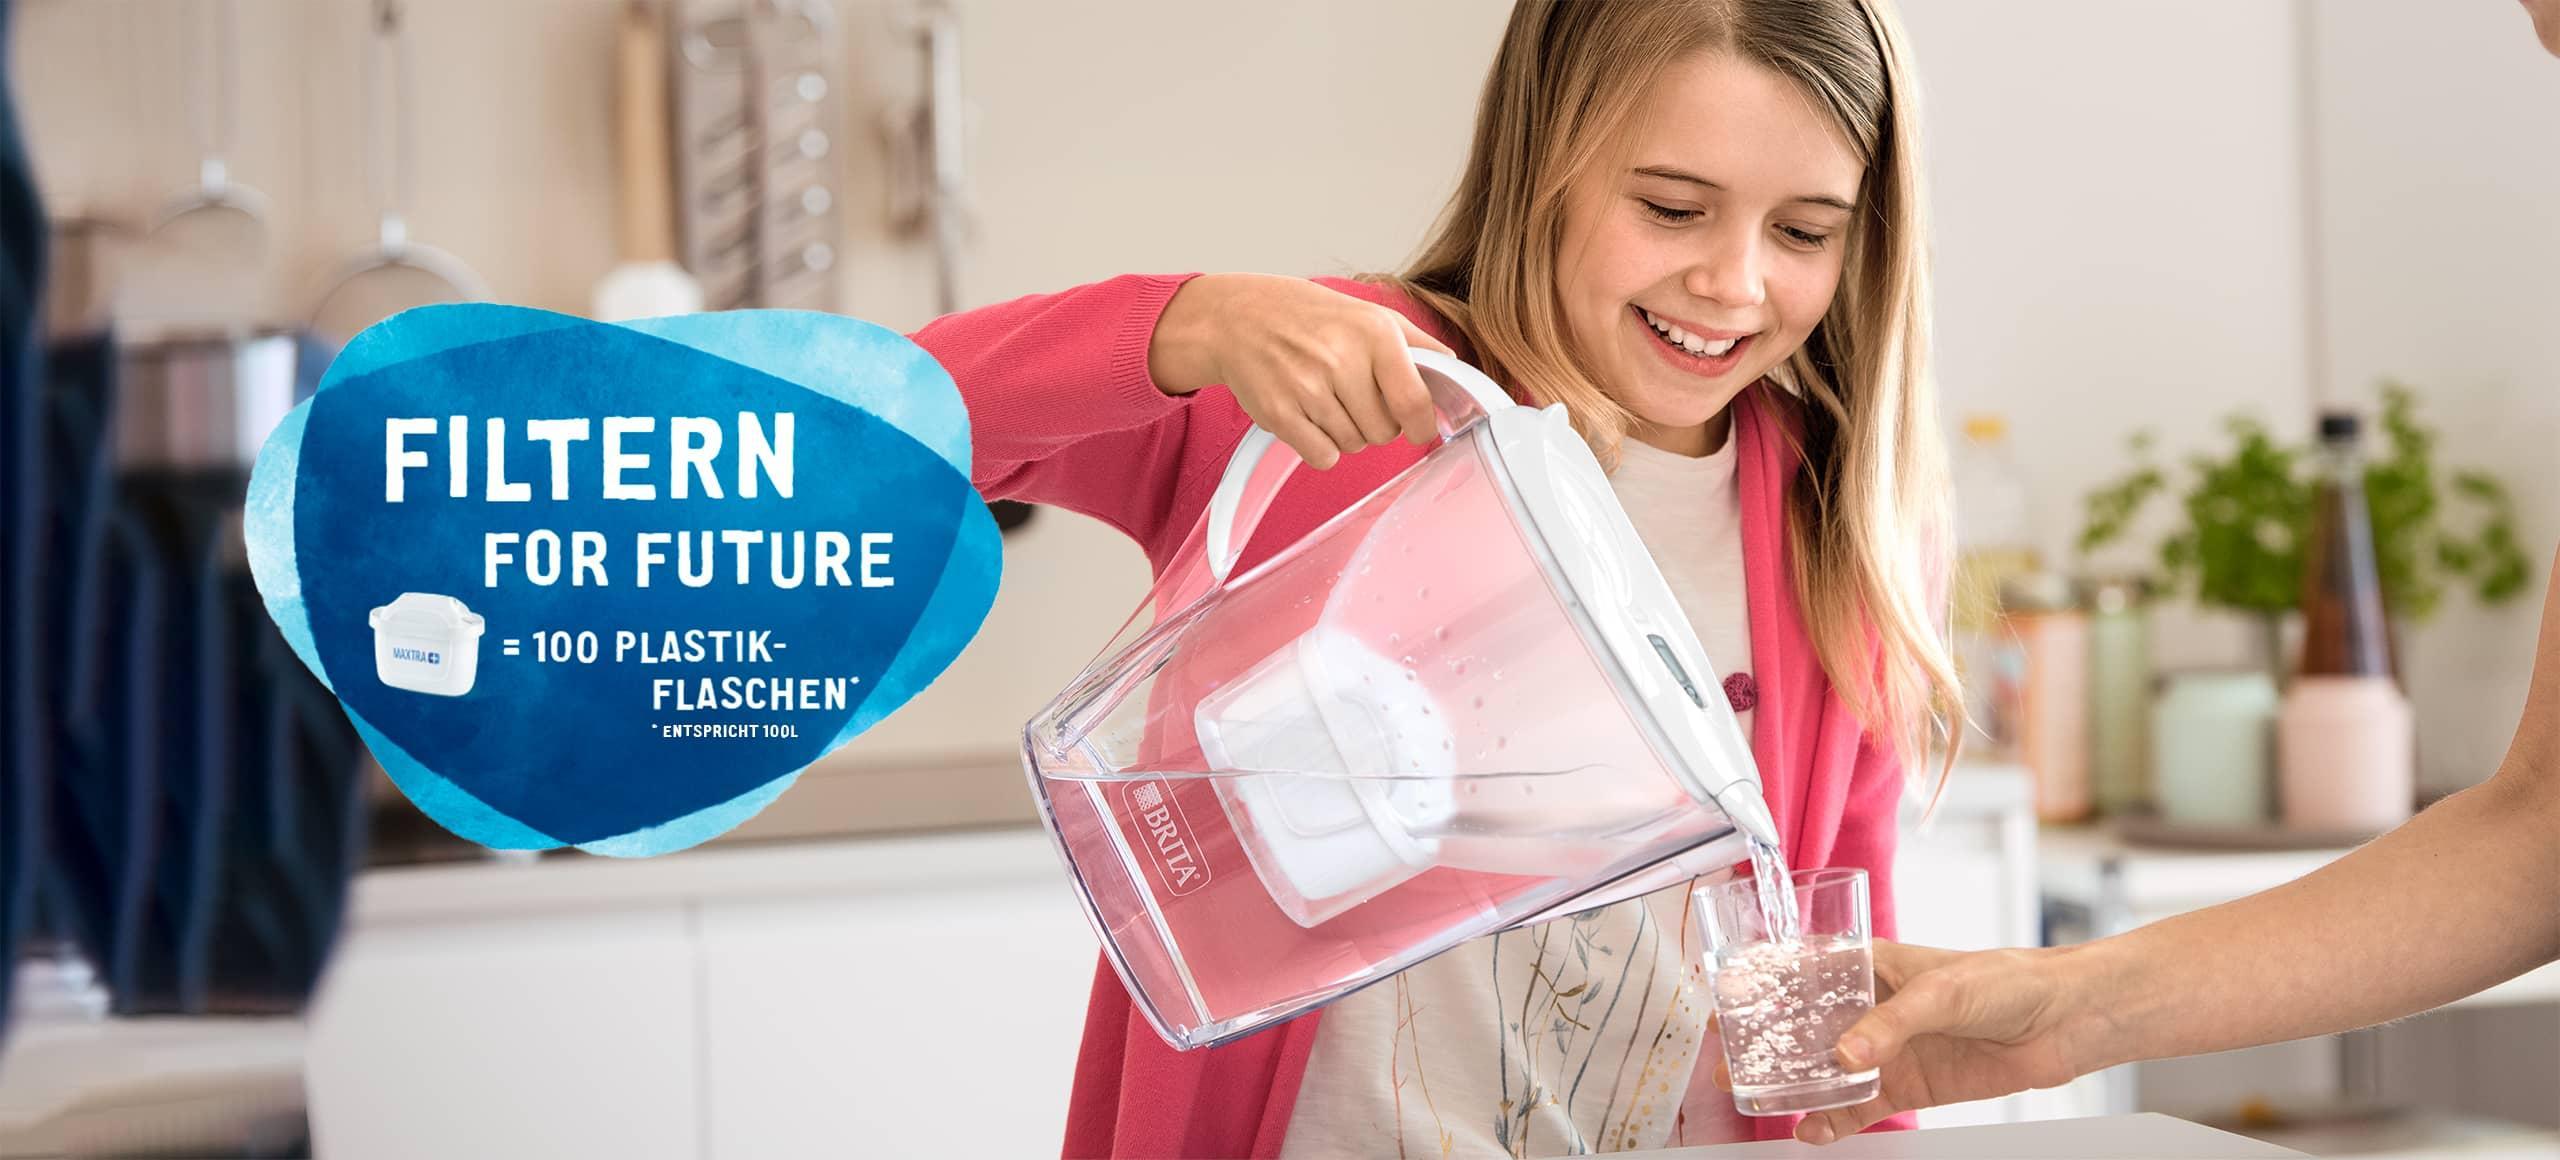 Wasserfilter für weniger Plastikmüll